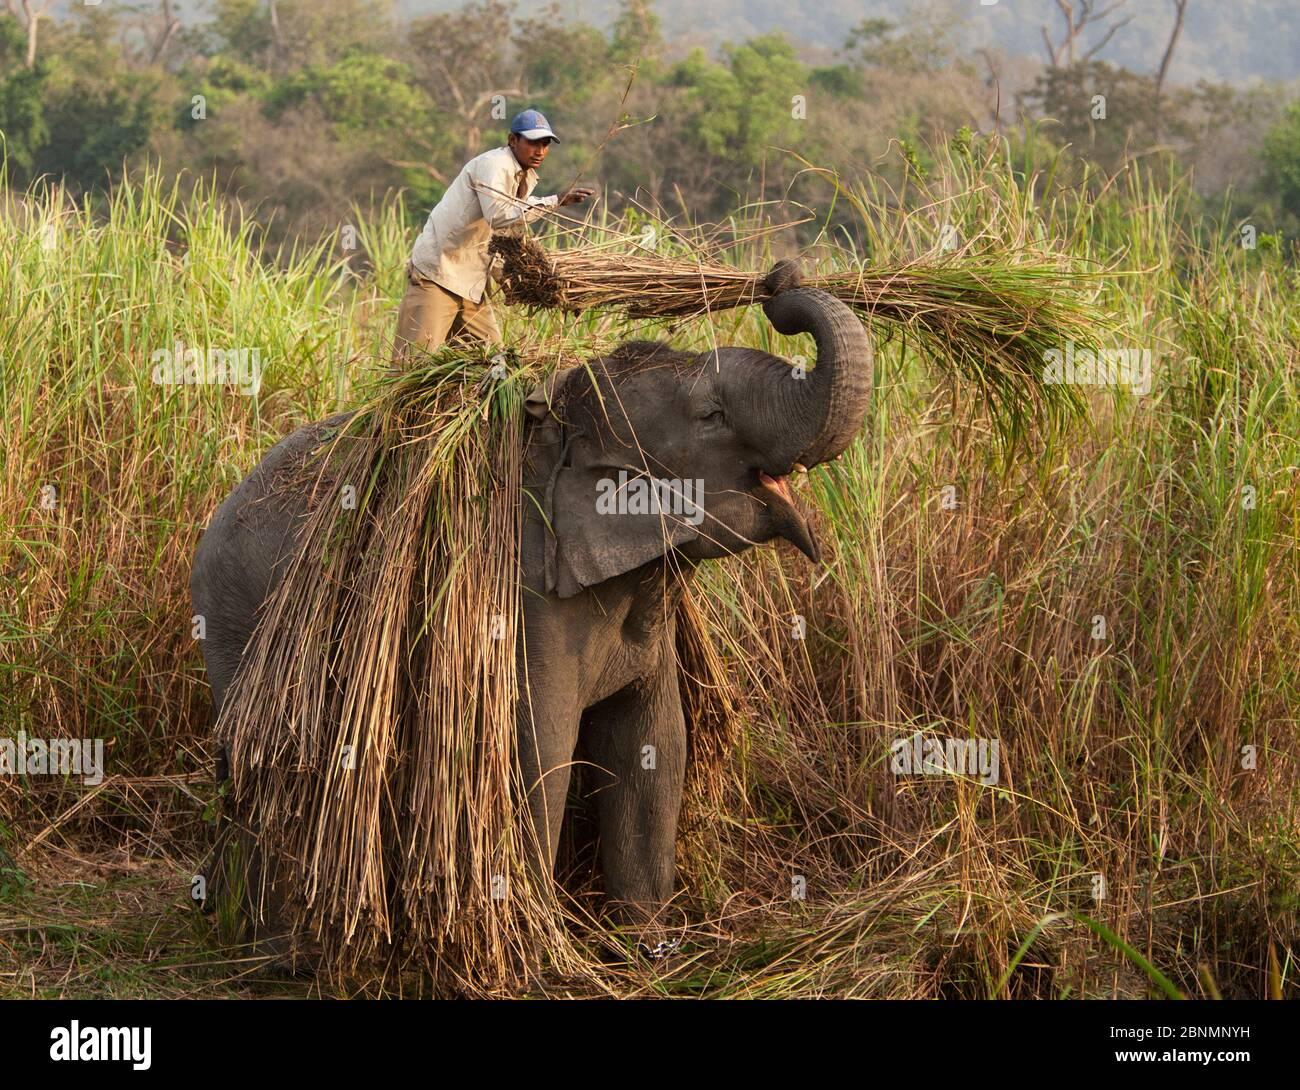 Éléphant d'Asie domestiqué (Elephas maxima) qui travaille avec l'homme pour récolter des roseaux, Parc national Kaziranga Assam Inde Mar 2009 Banque D'Images